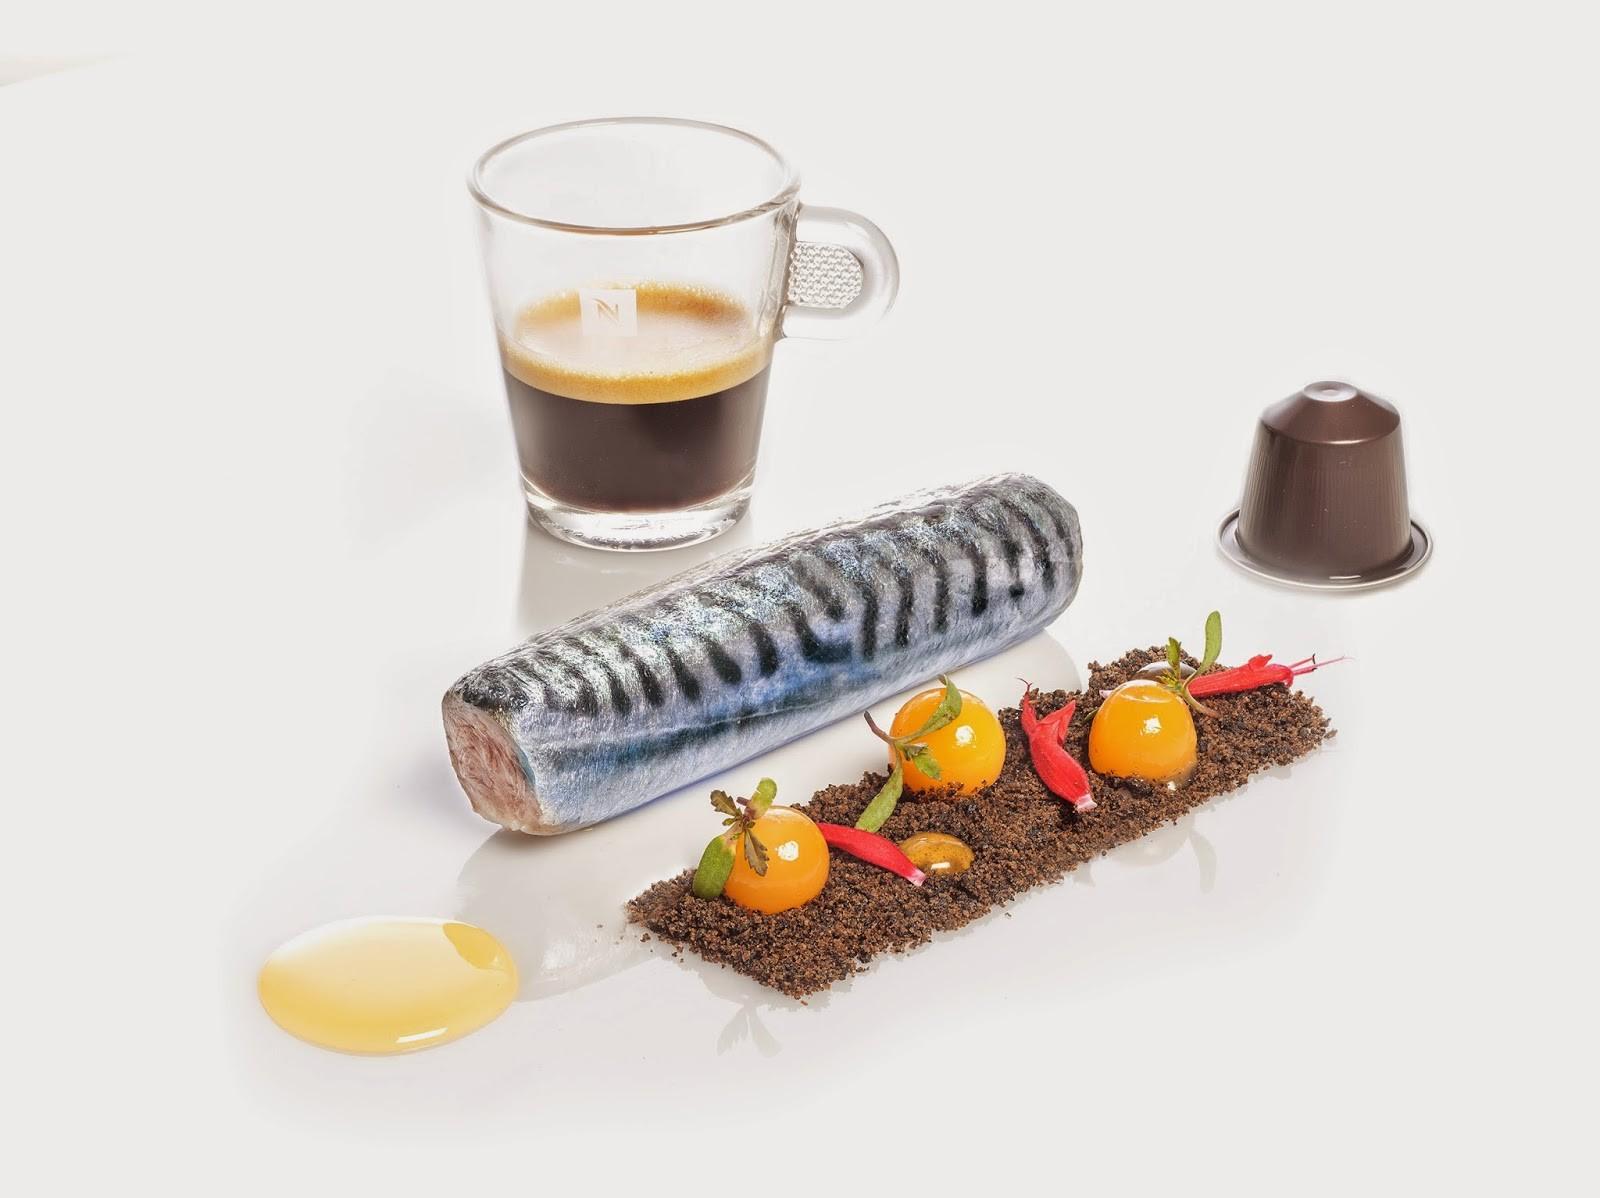 NespressoGourmetWeeks_SergiArola_Lomo de caballa, tierra cafetera y gel de Amaretto_01